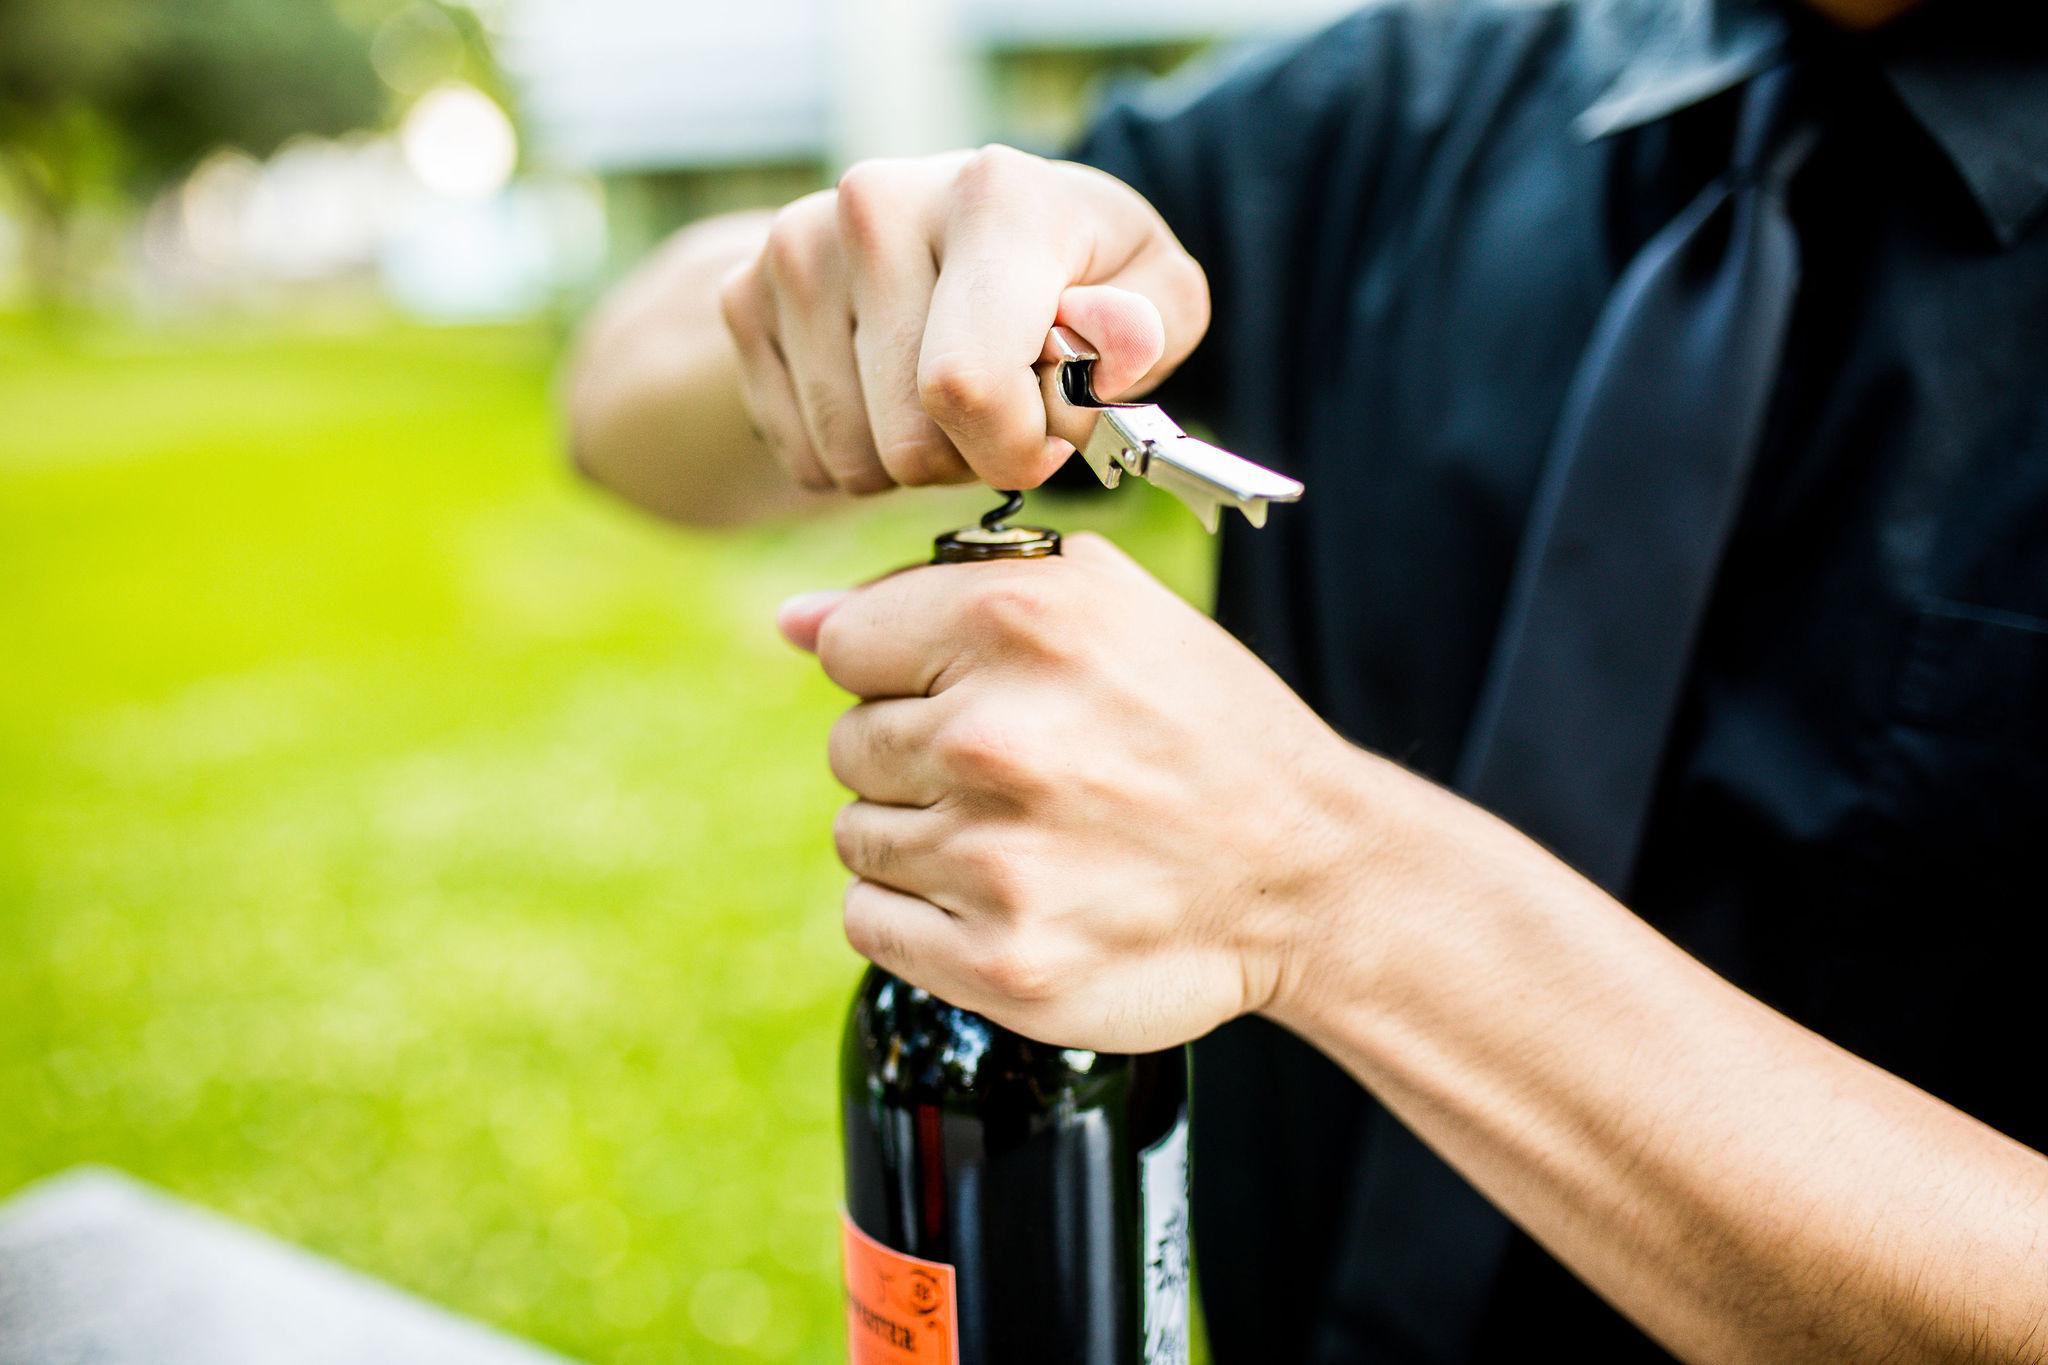 Bartender opening wine bottle